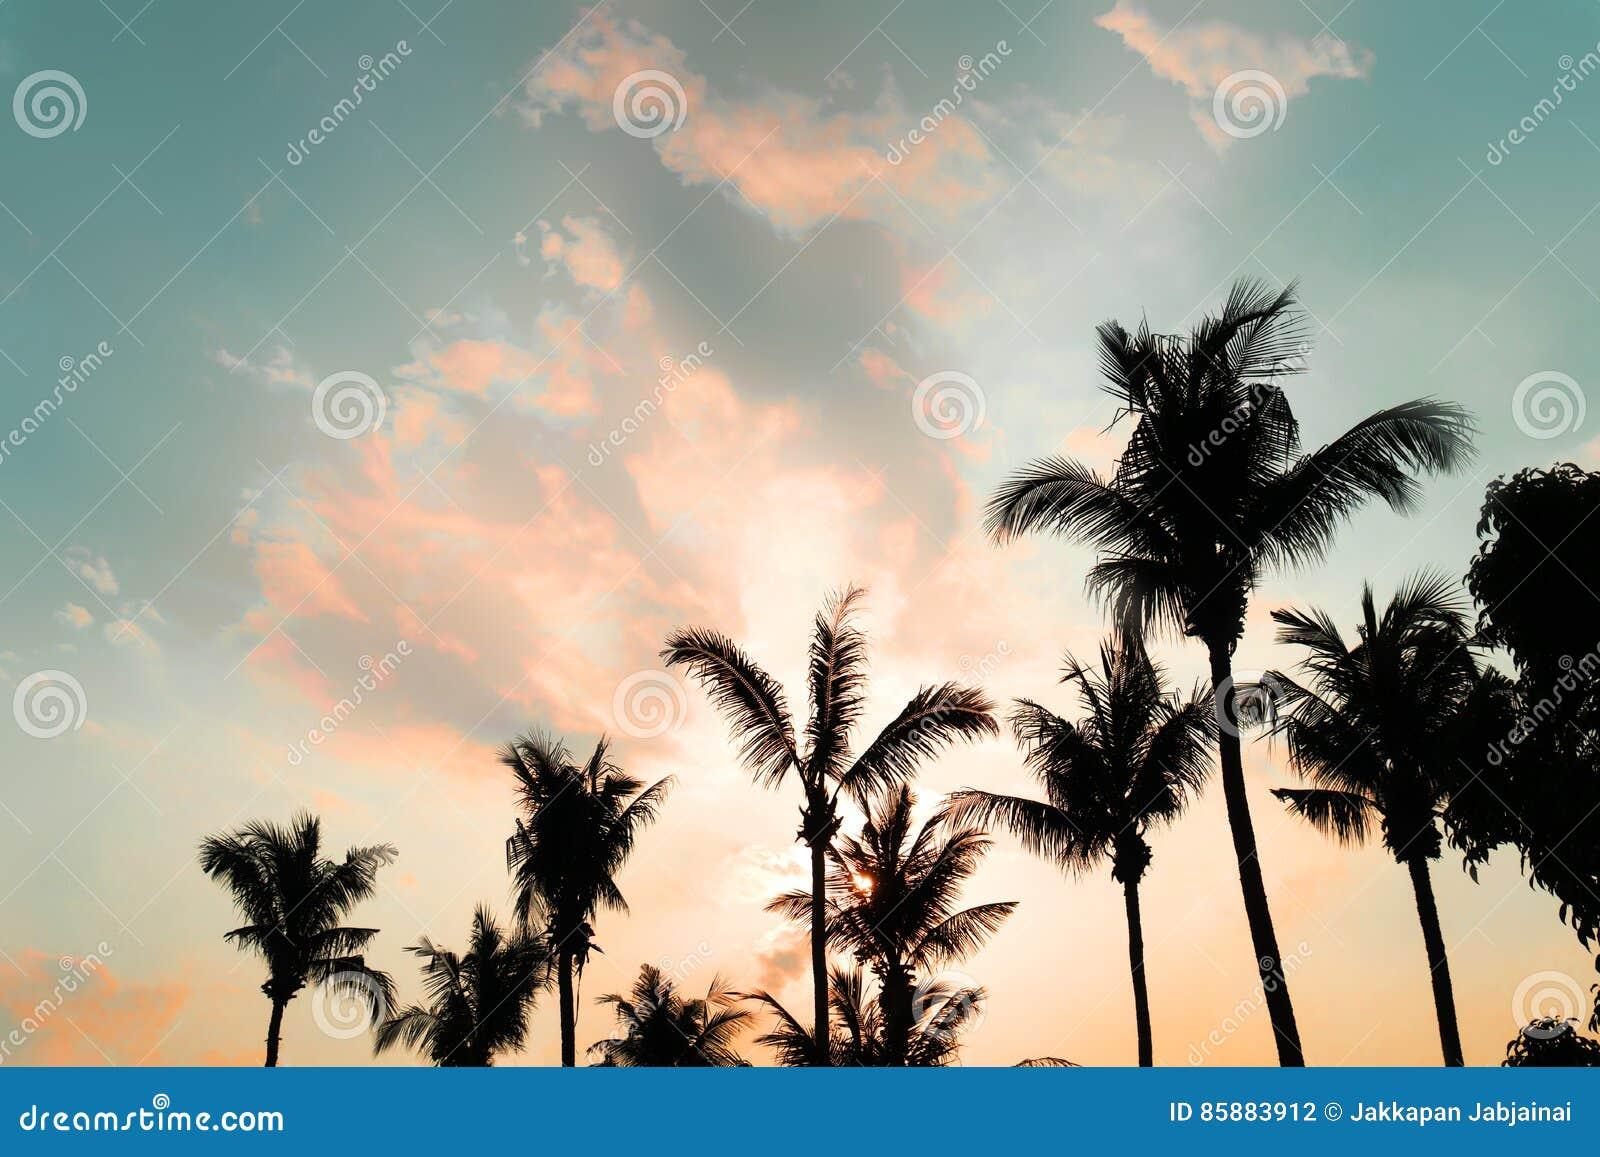 Drzewko palmowe na tropikalnej plaży z zmierzchem w lecie